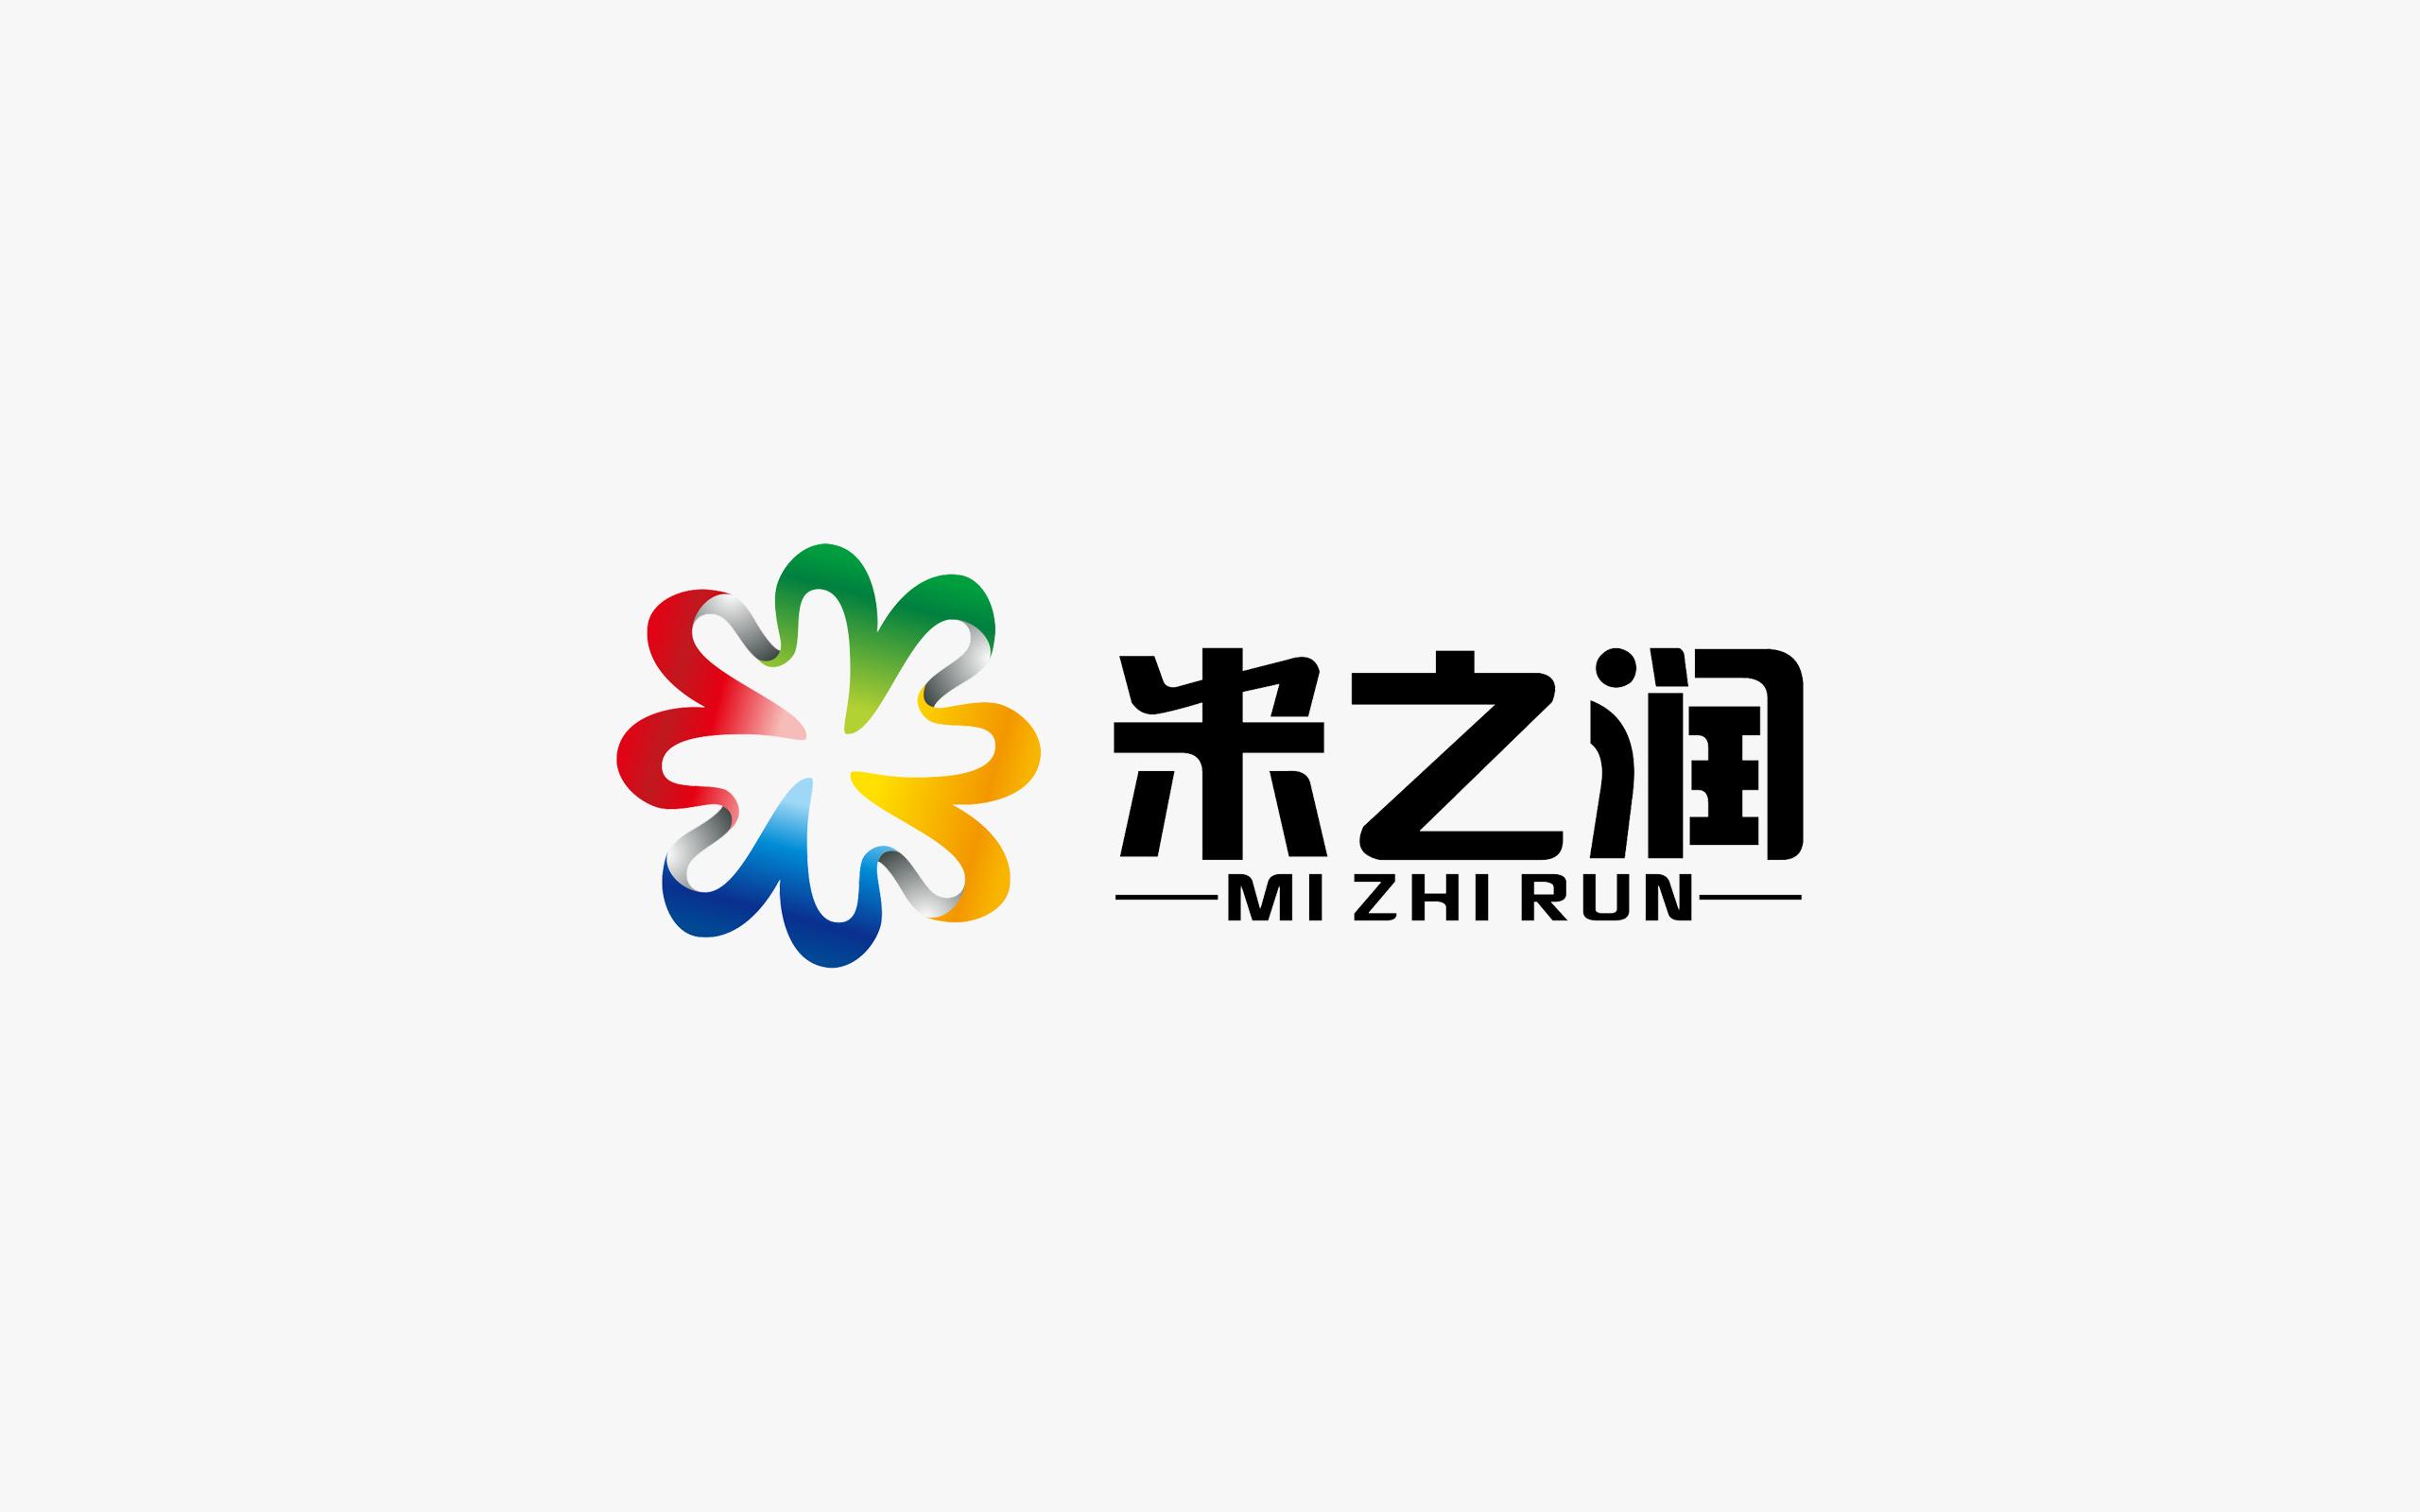 米之润logo设计_2955866_k68威客网